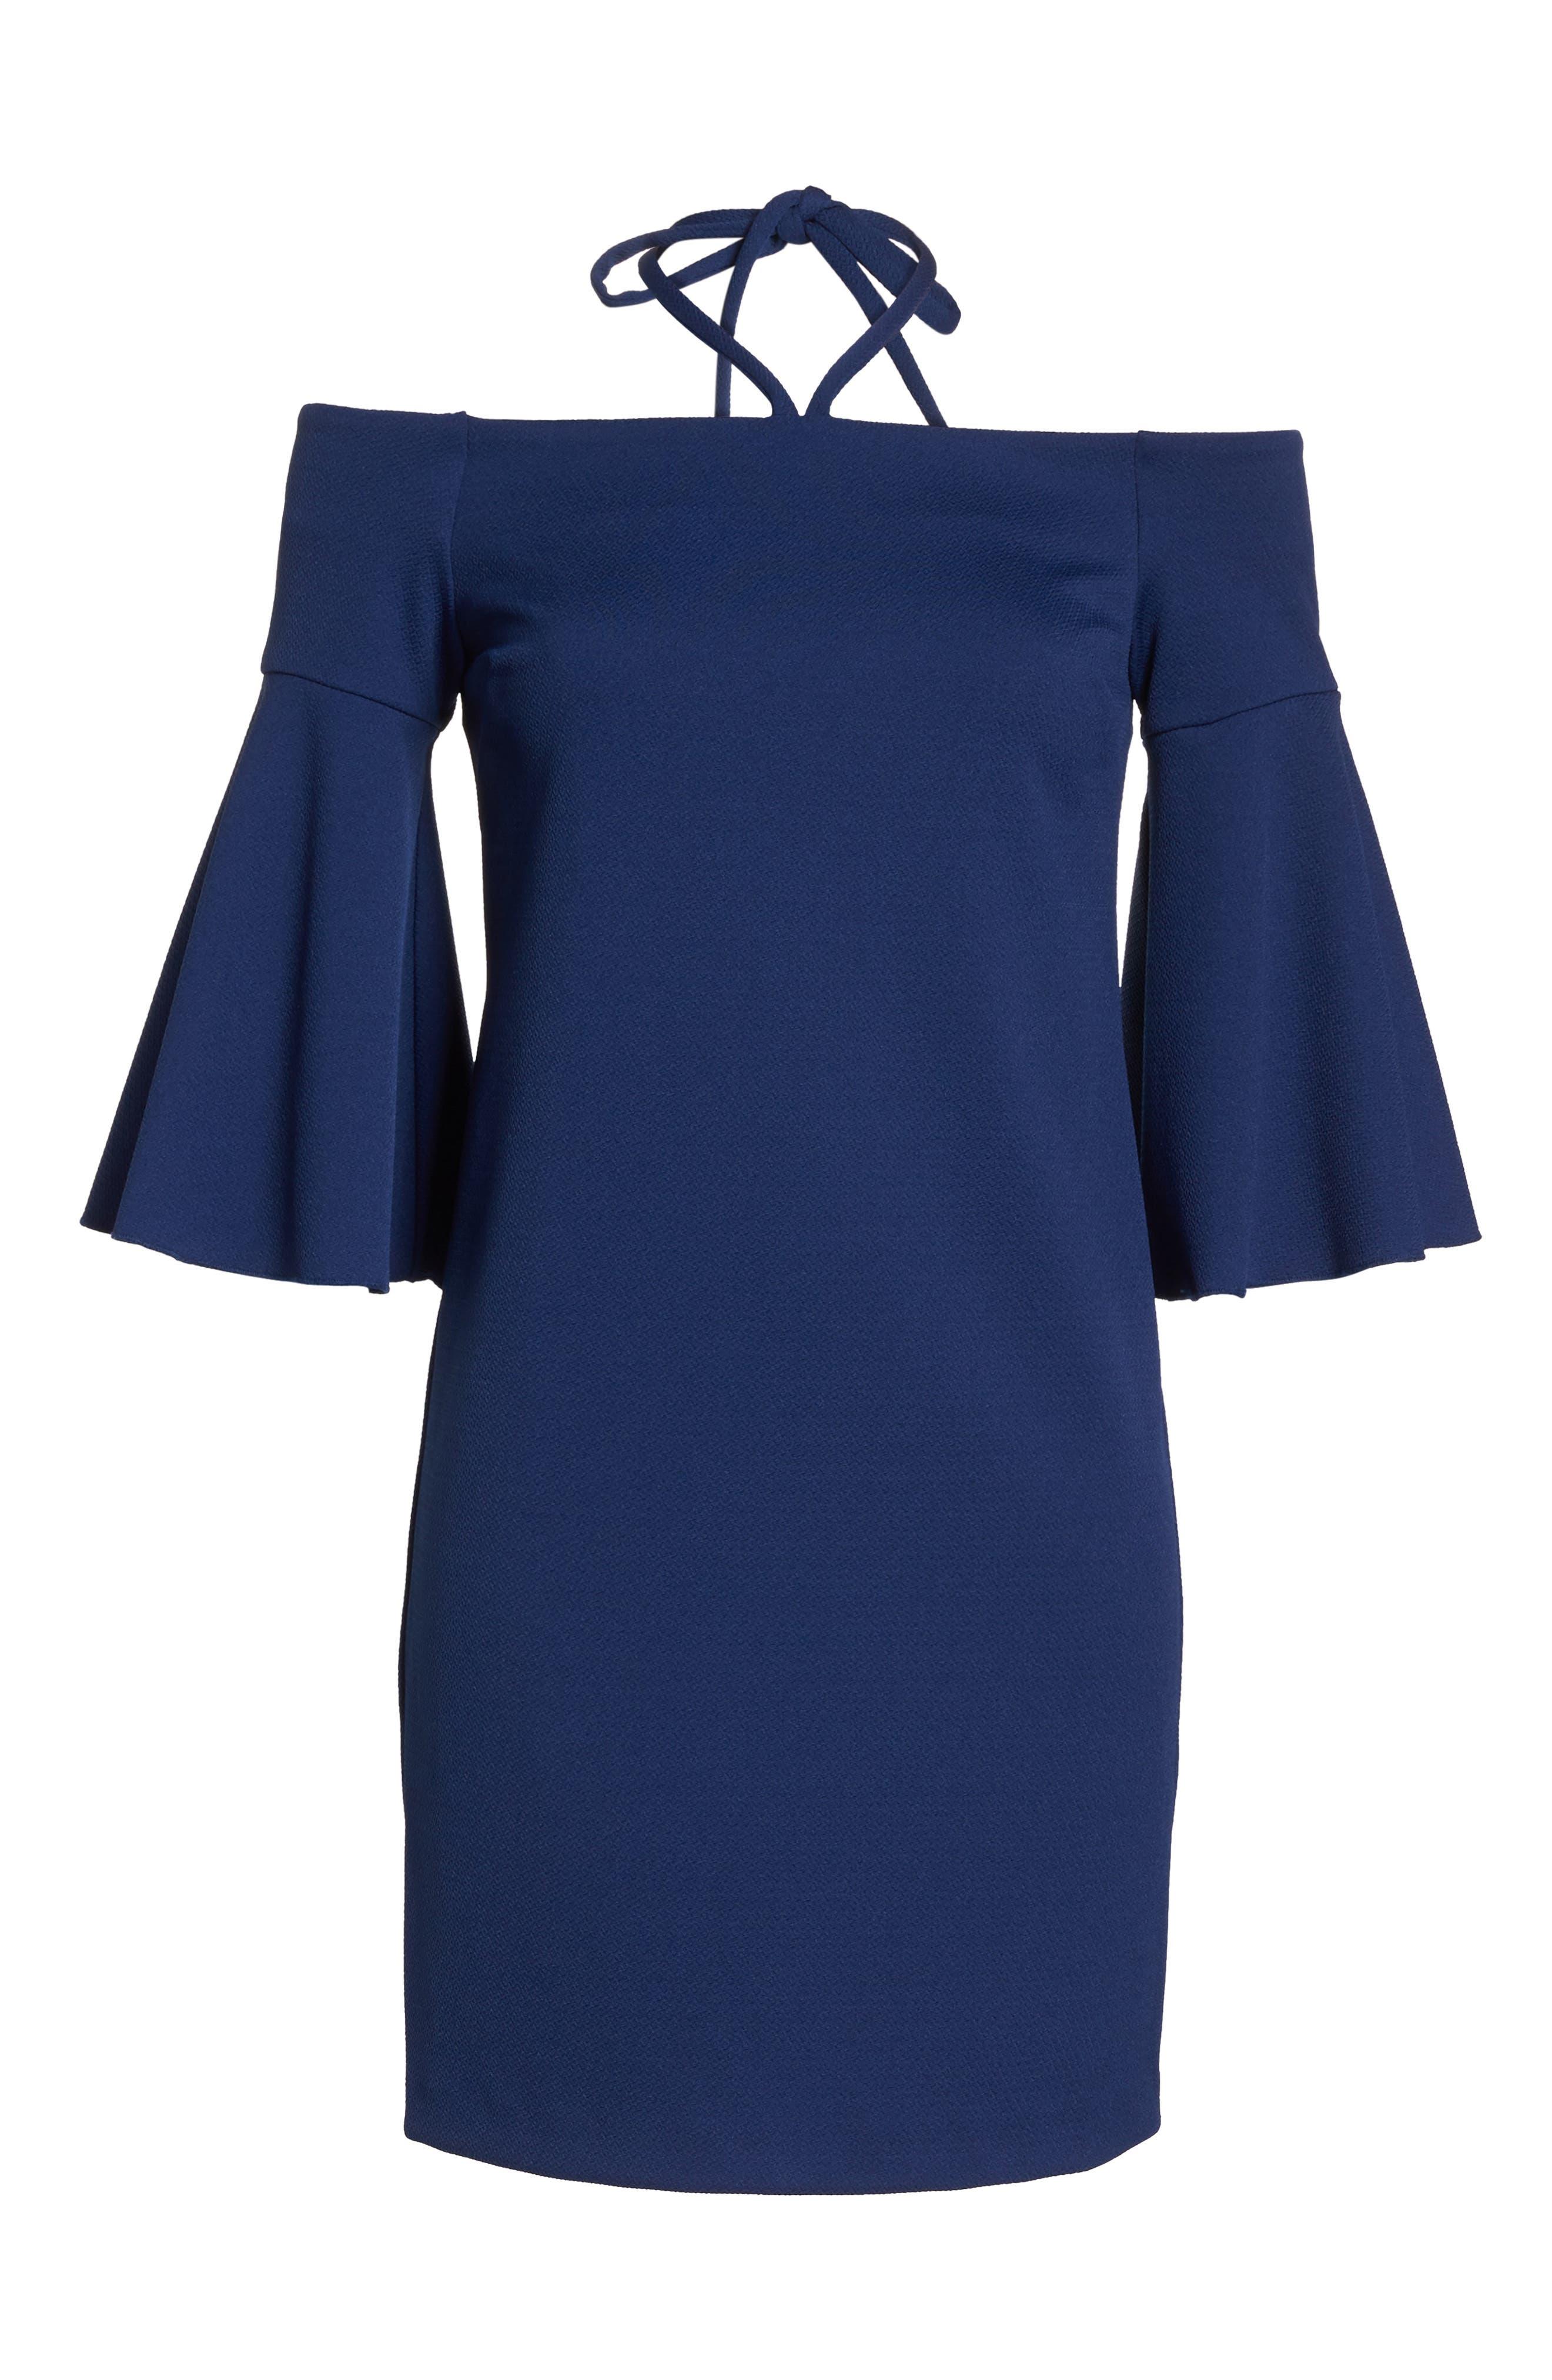 Shell Beach Bell Sleeve Halter Dress,                             Alternate thumbnail 6, color,                             Bondi Blue